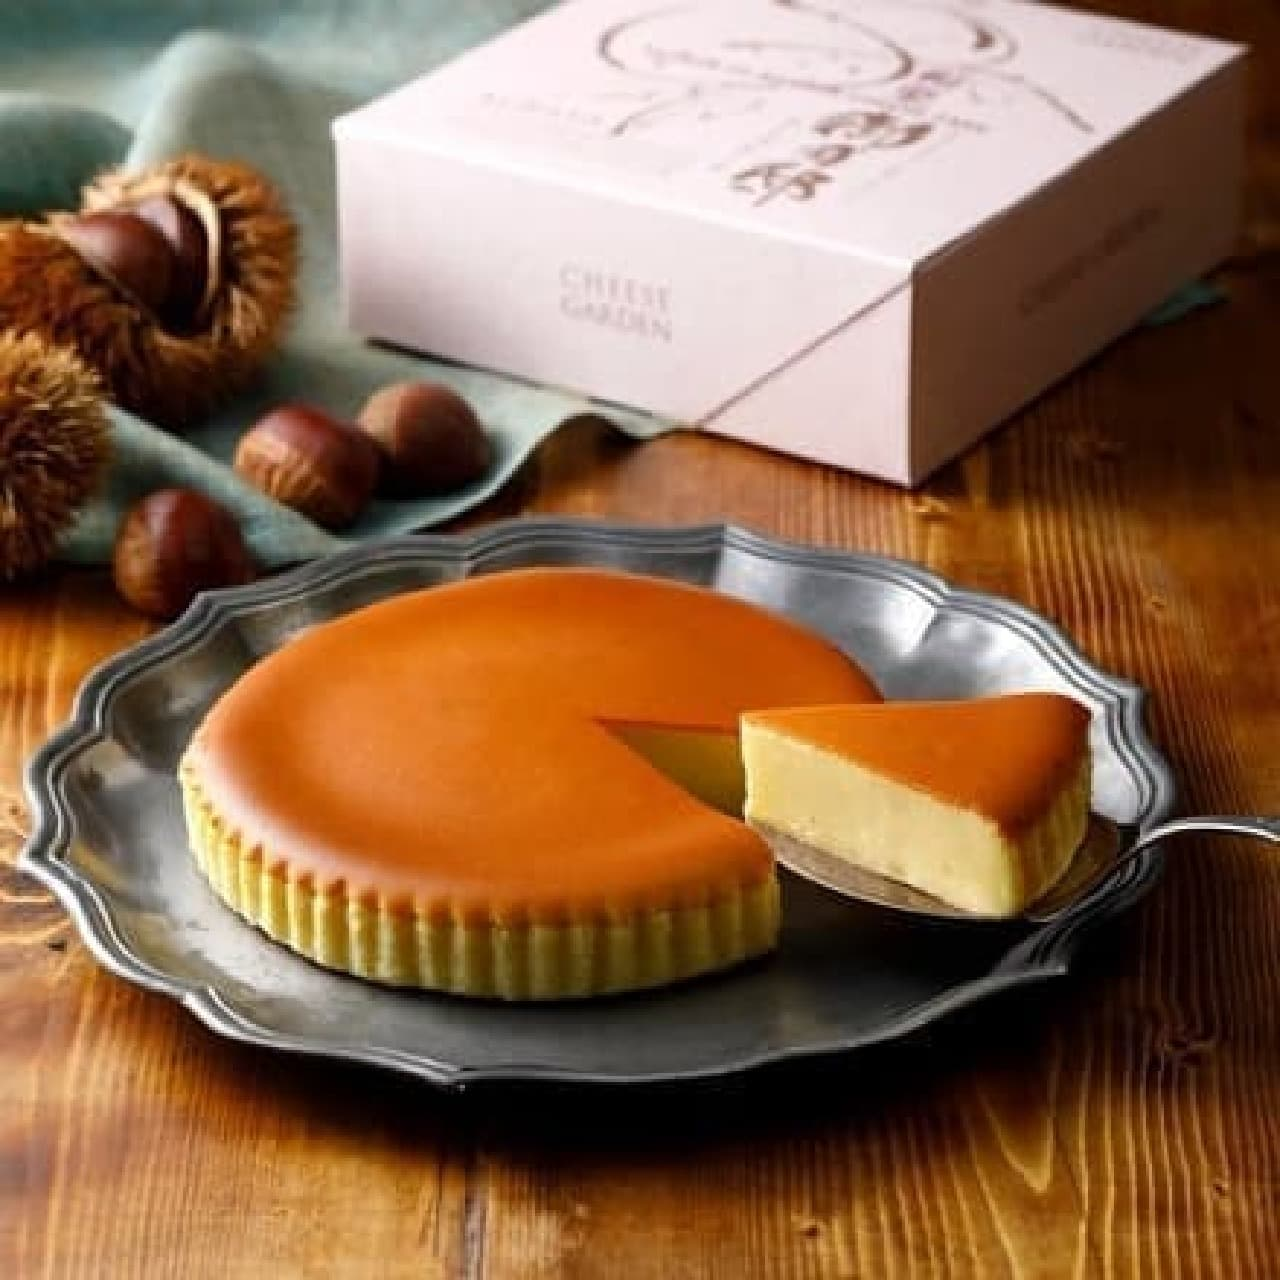 チーズガーデンの「御用邸栗チーズケーキ」